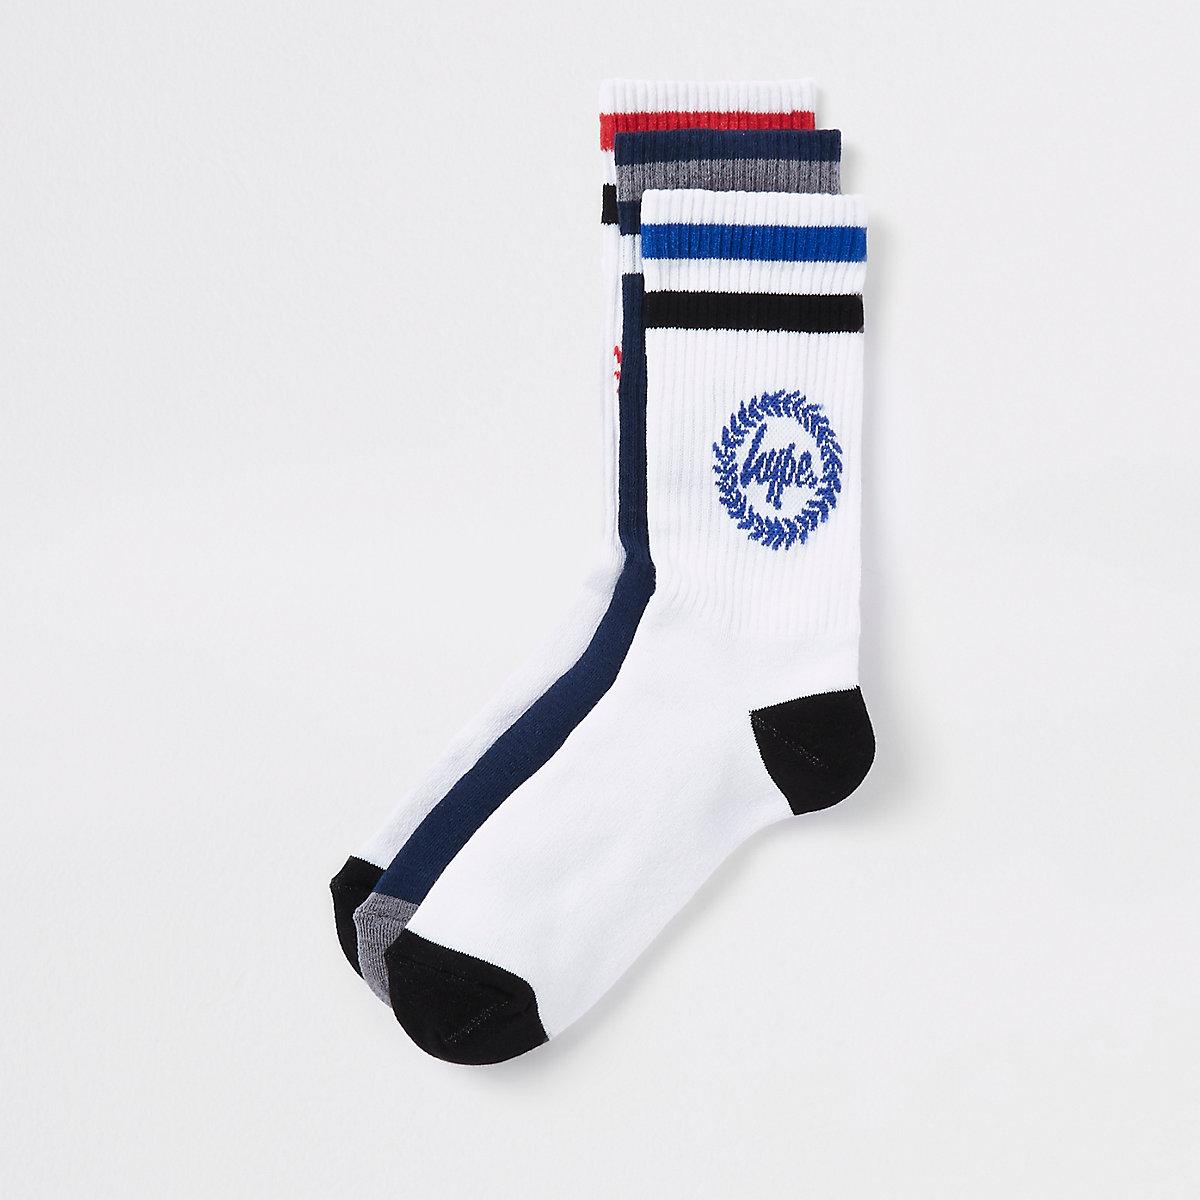 Hype navy crest print socks 5 pack